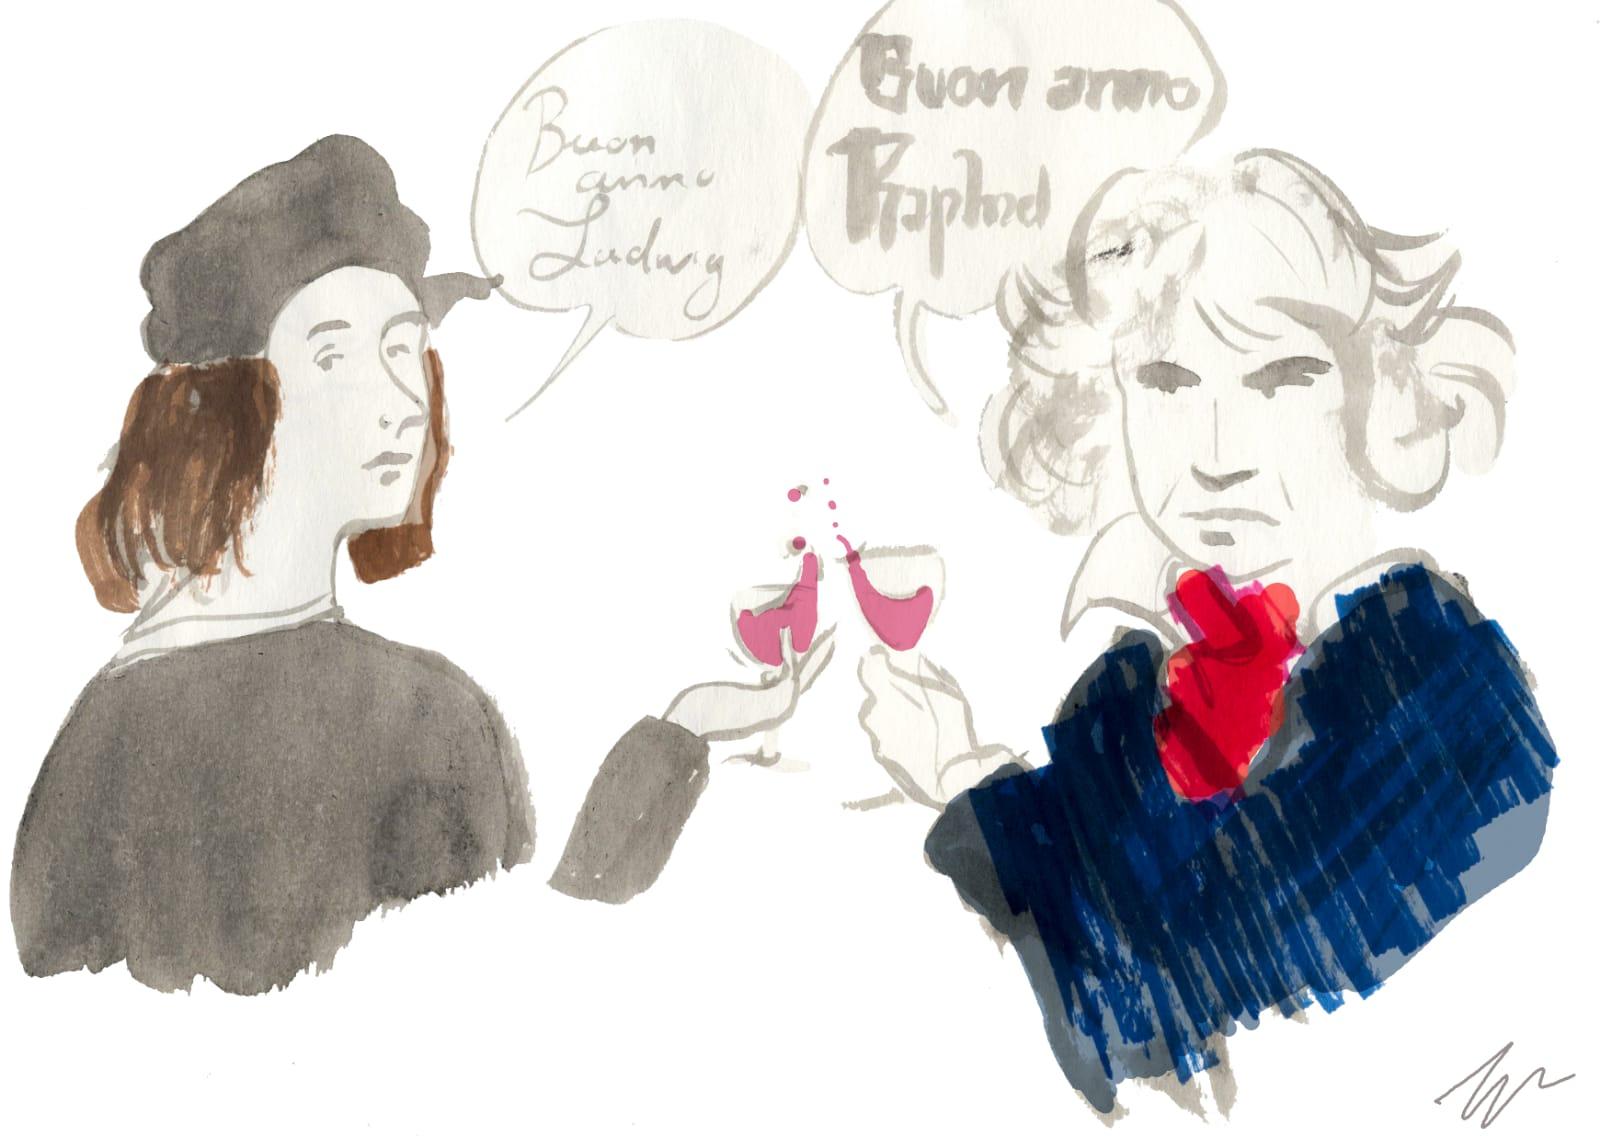 L'augurio per il 2021 da Raffaello e Beethoven che brindano, dei quali si sono celebrati nel 2020 i due anniversari di morte e nascita